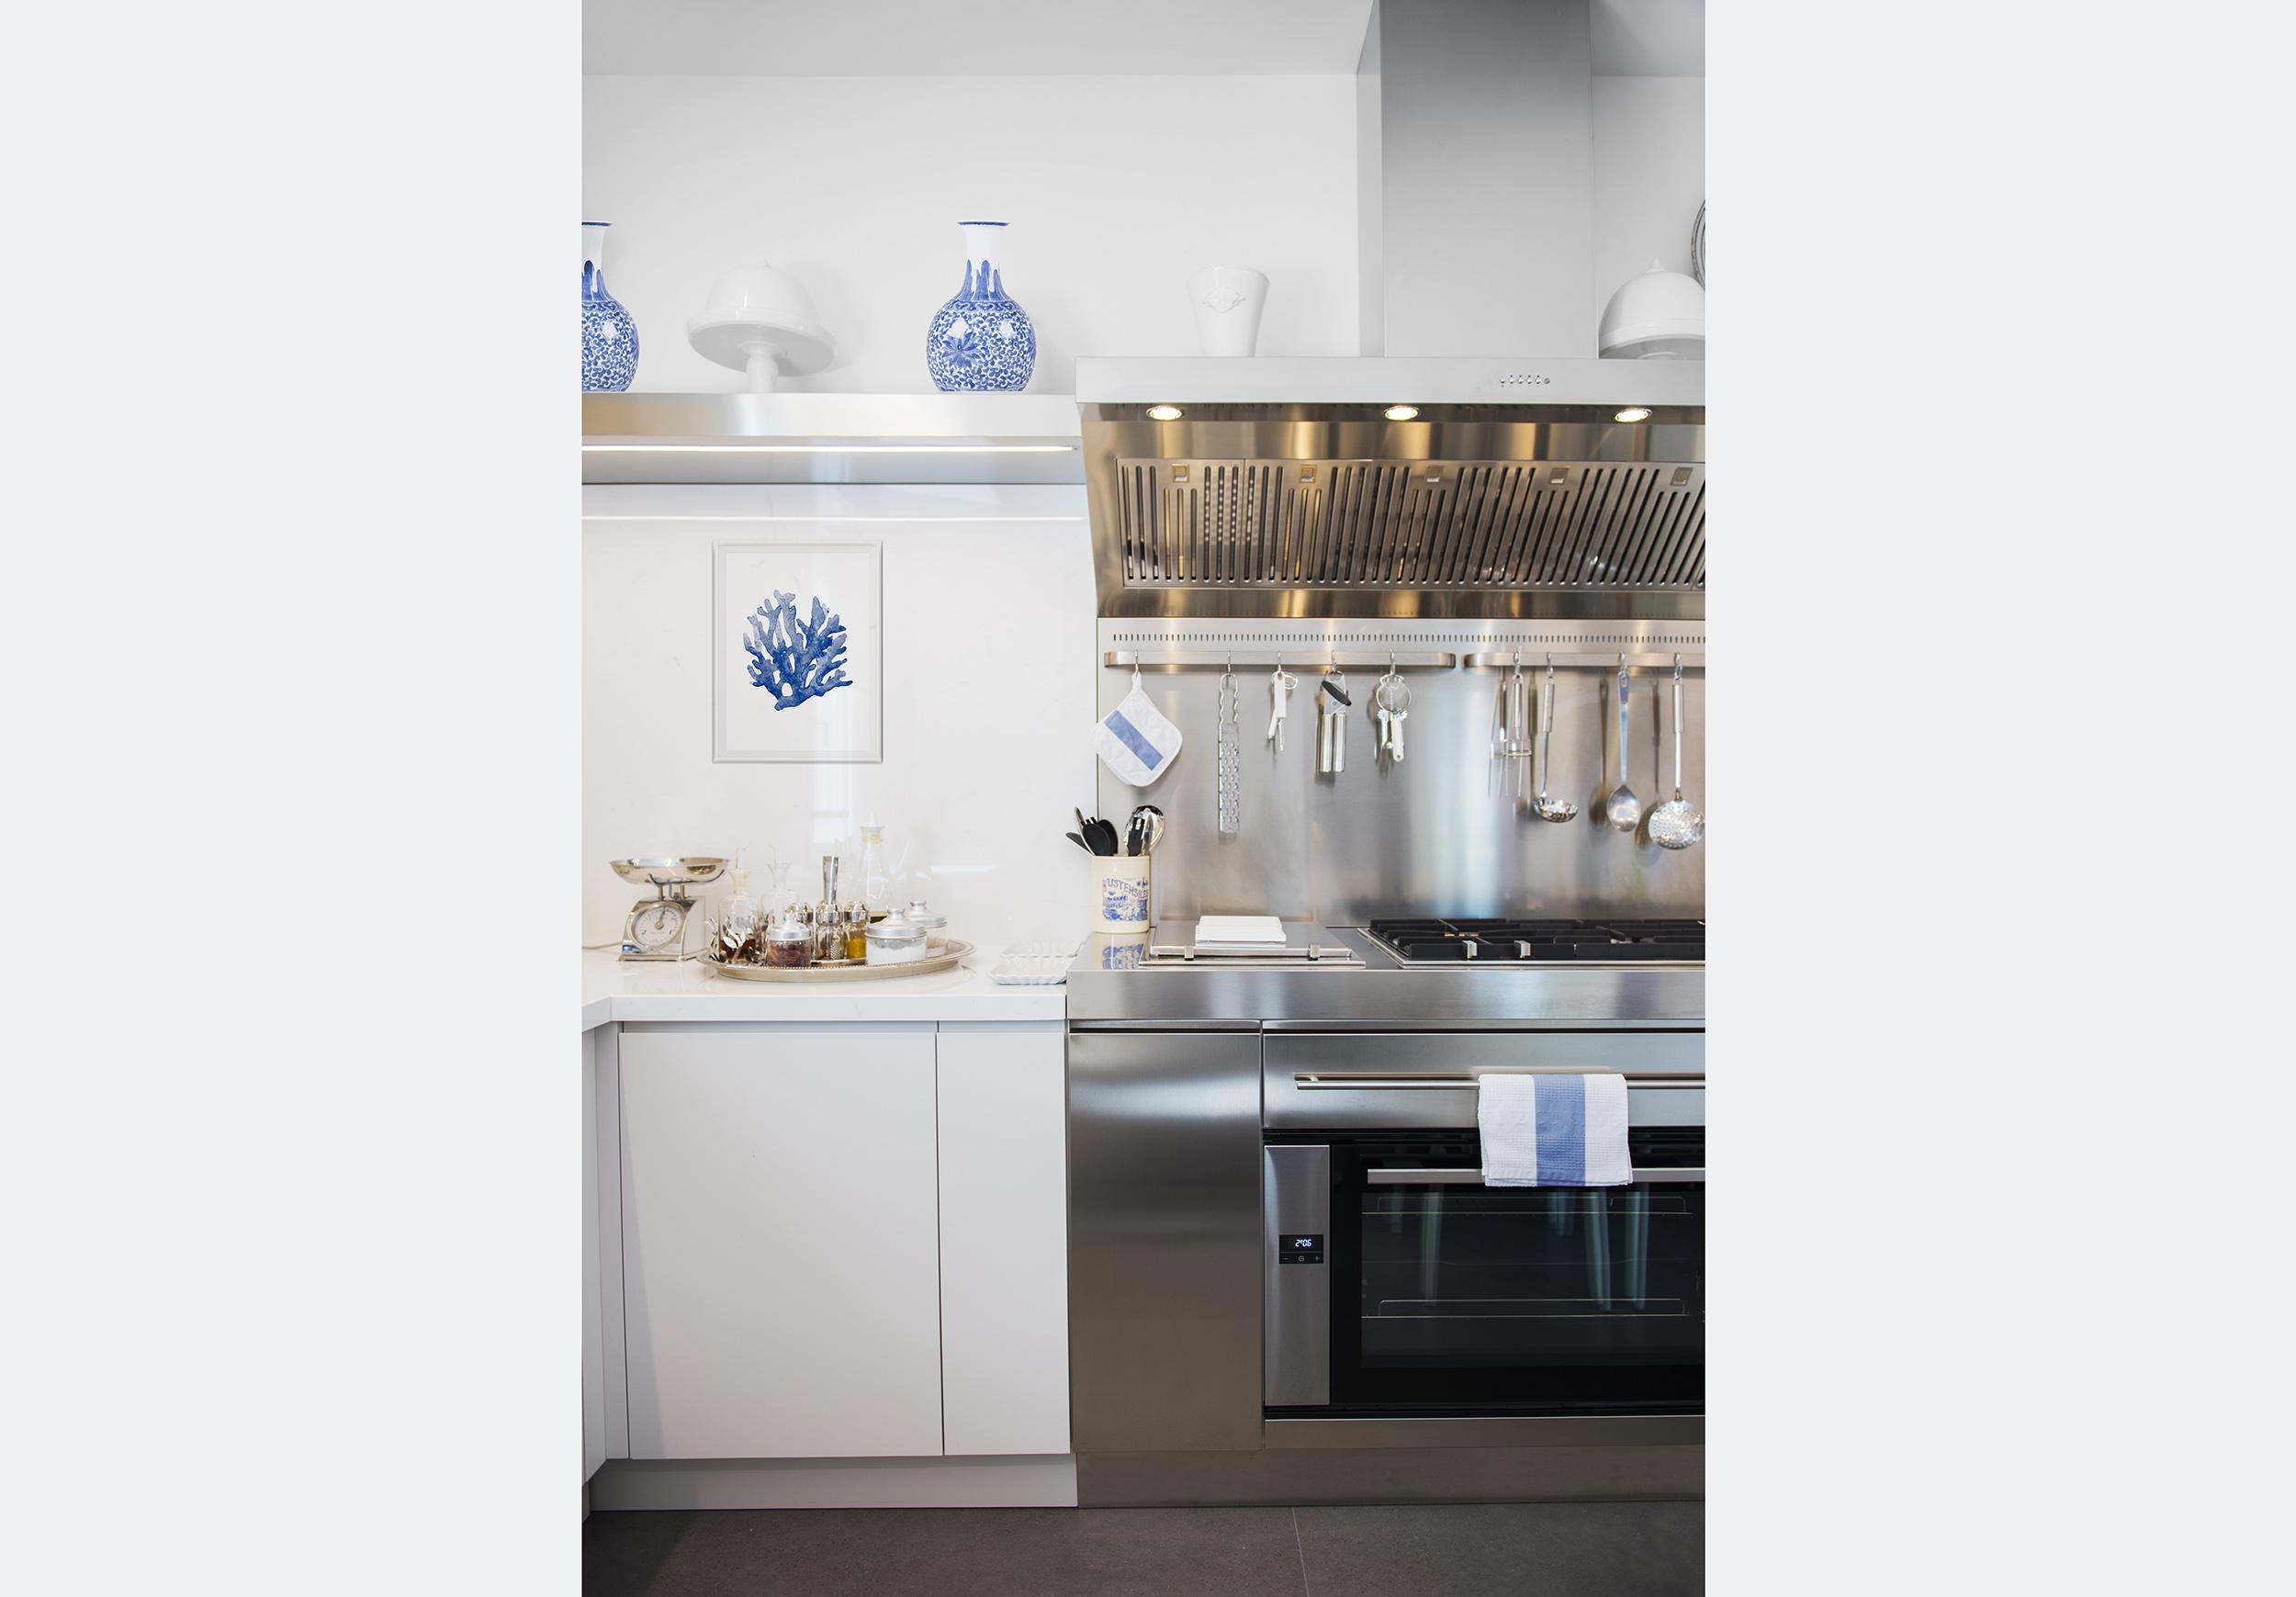 fed interior design kitchen